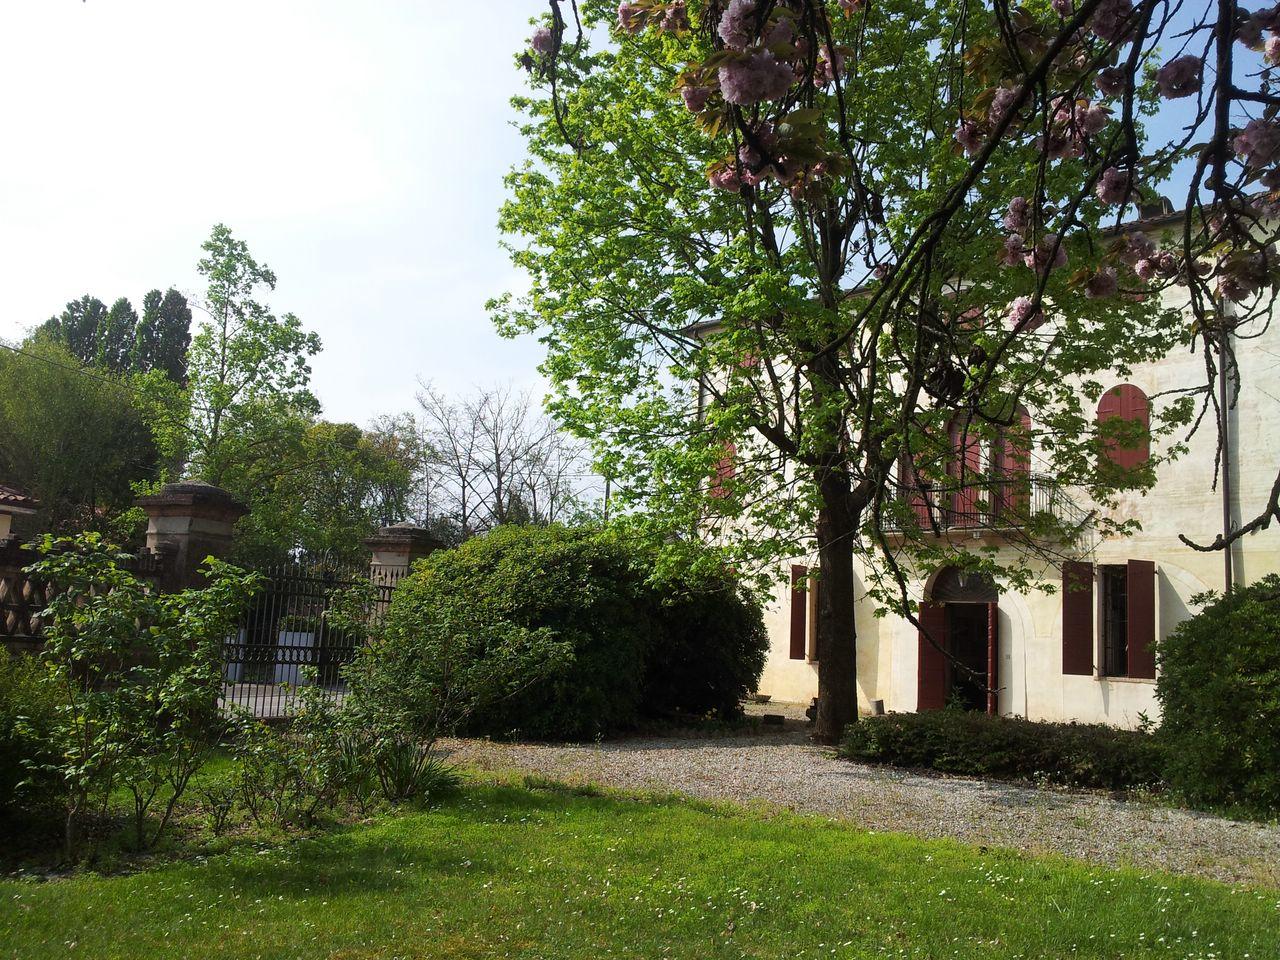 Villa in vendita a Roncade, 18 locali, Trattative riservate | CambioCasa.it